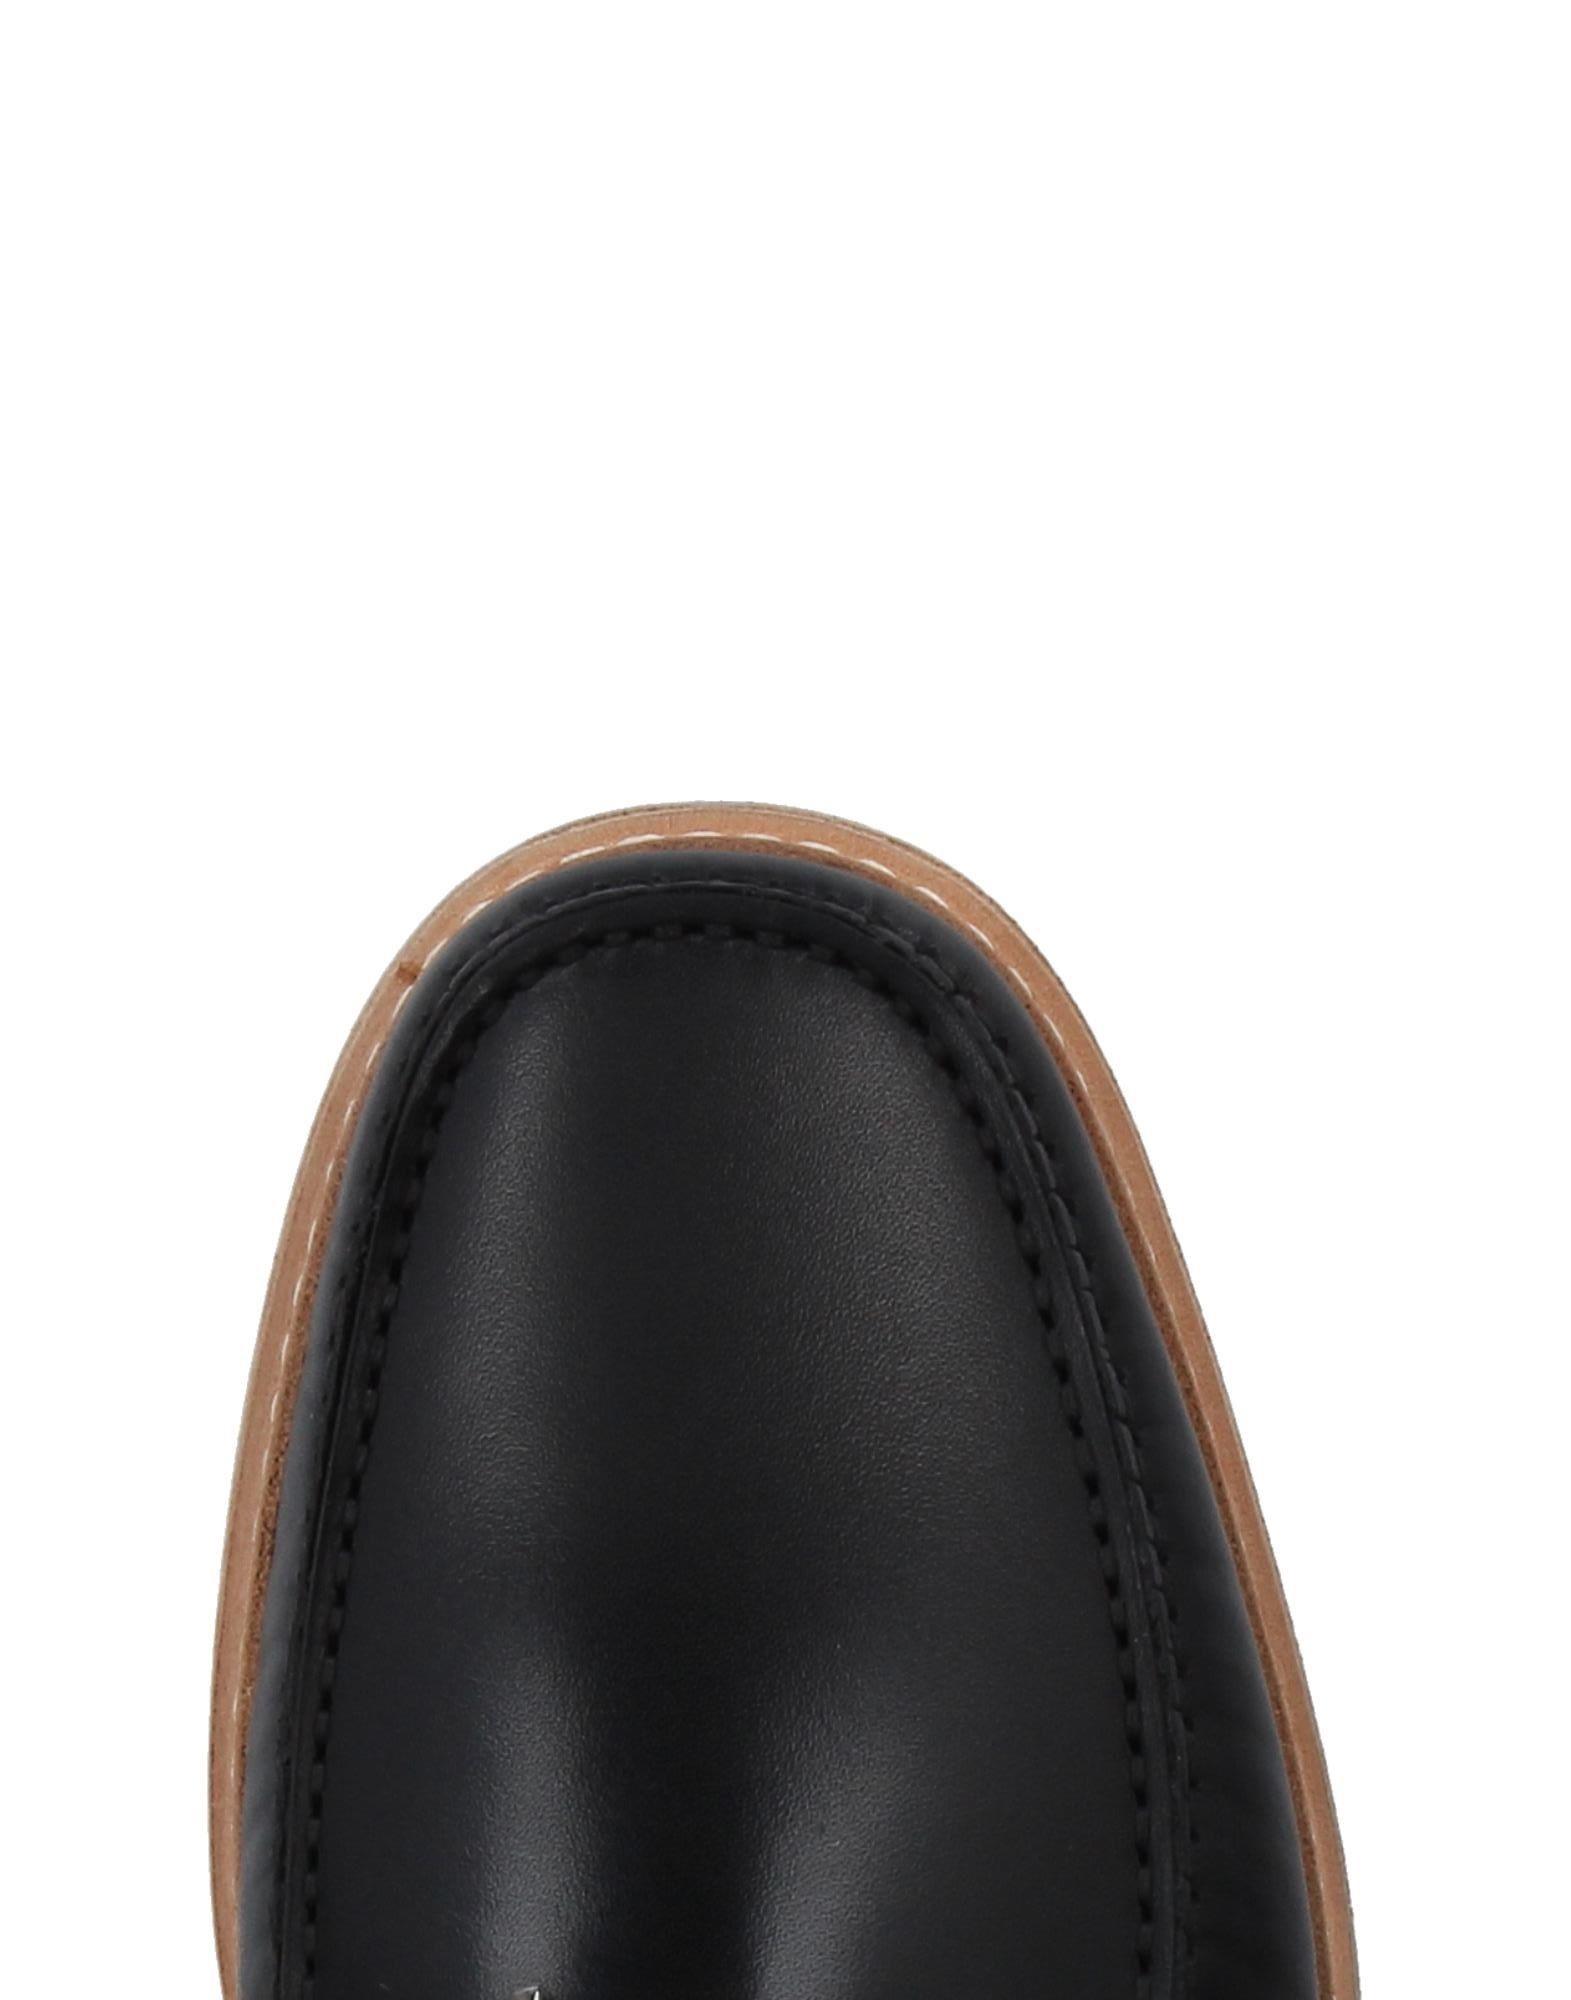 Salvatore Ferragamo Mokassins Herren    11373952AC Neue Schuhe d3f594